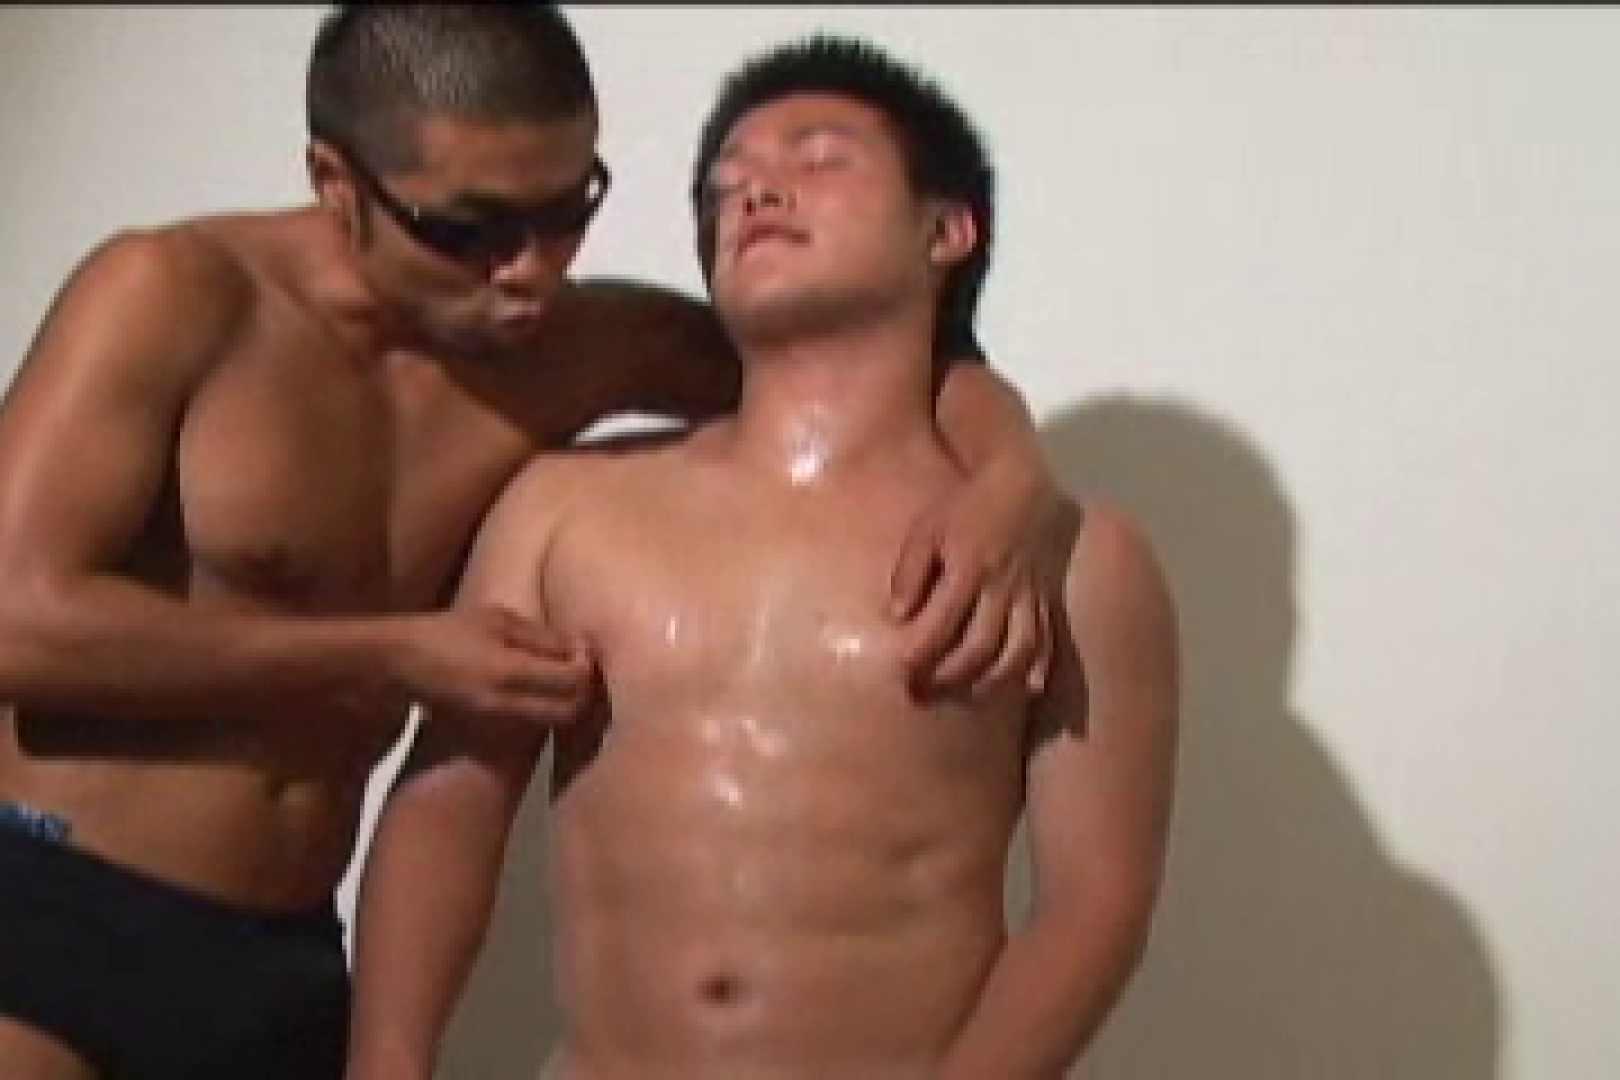 スポMENファック!!反り勃つ男根!!vol.3 男の世界 ゲイ精子画像 51画像 50